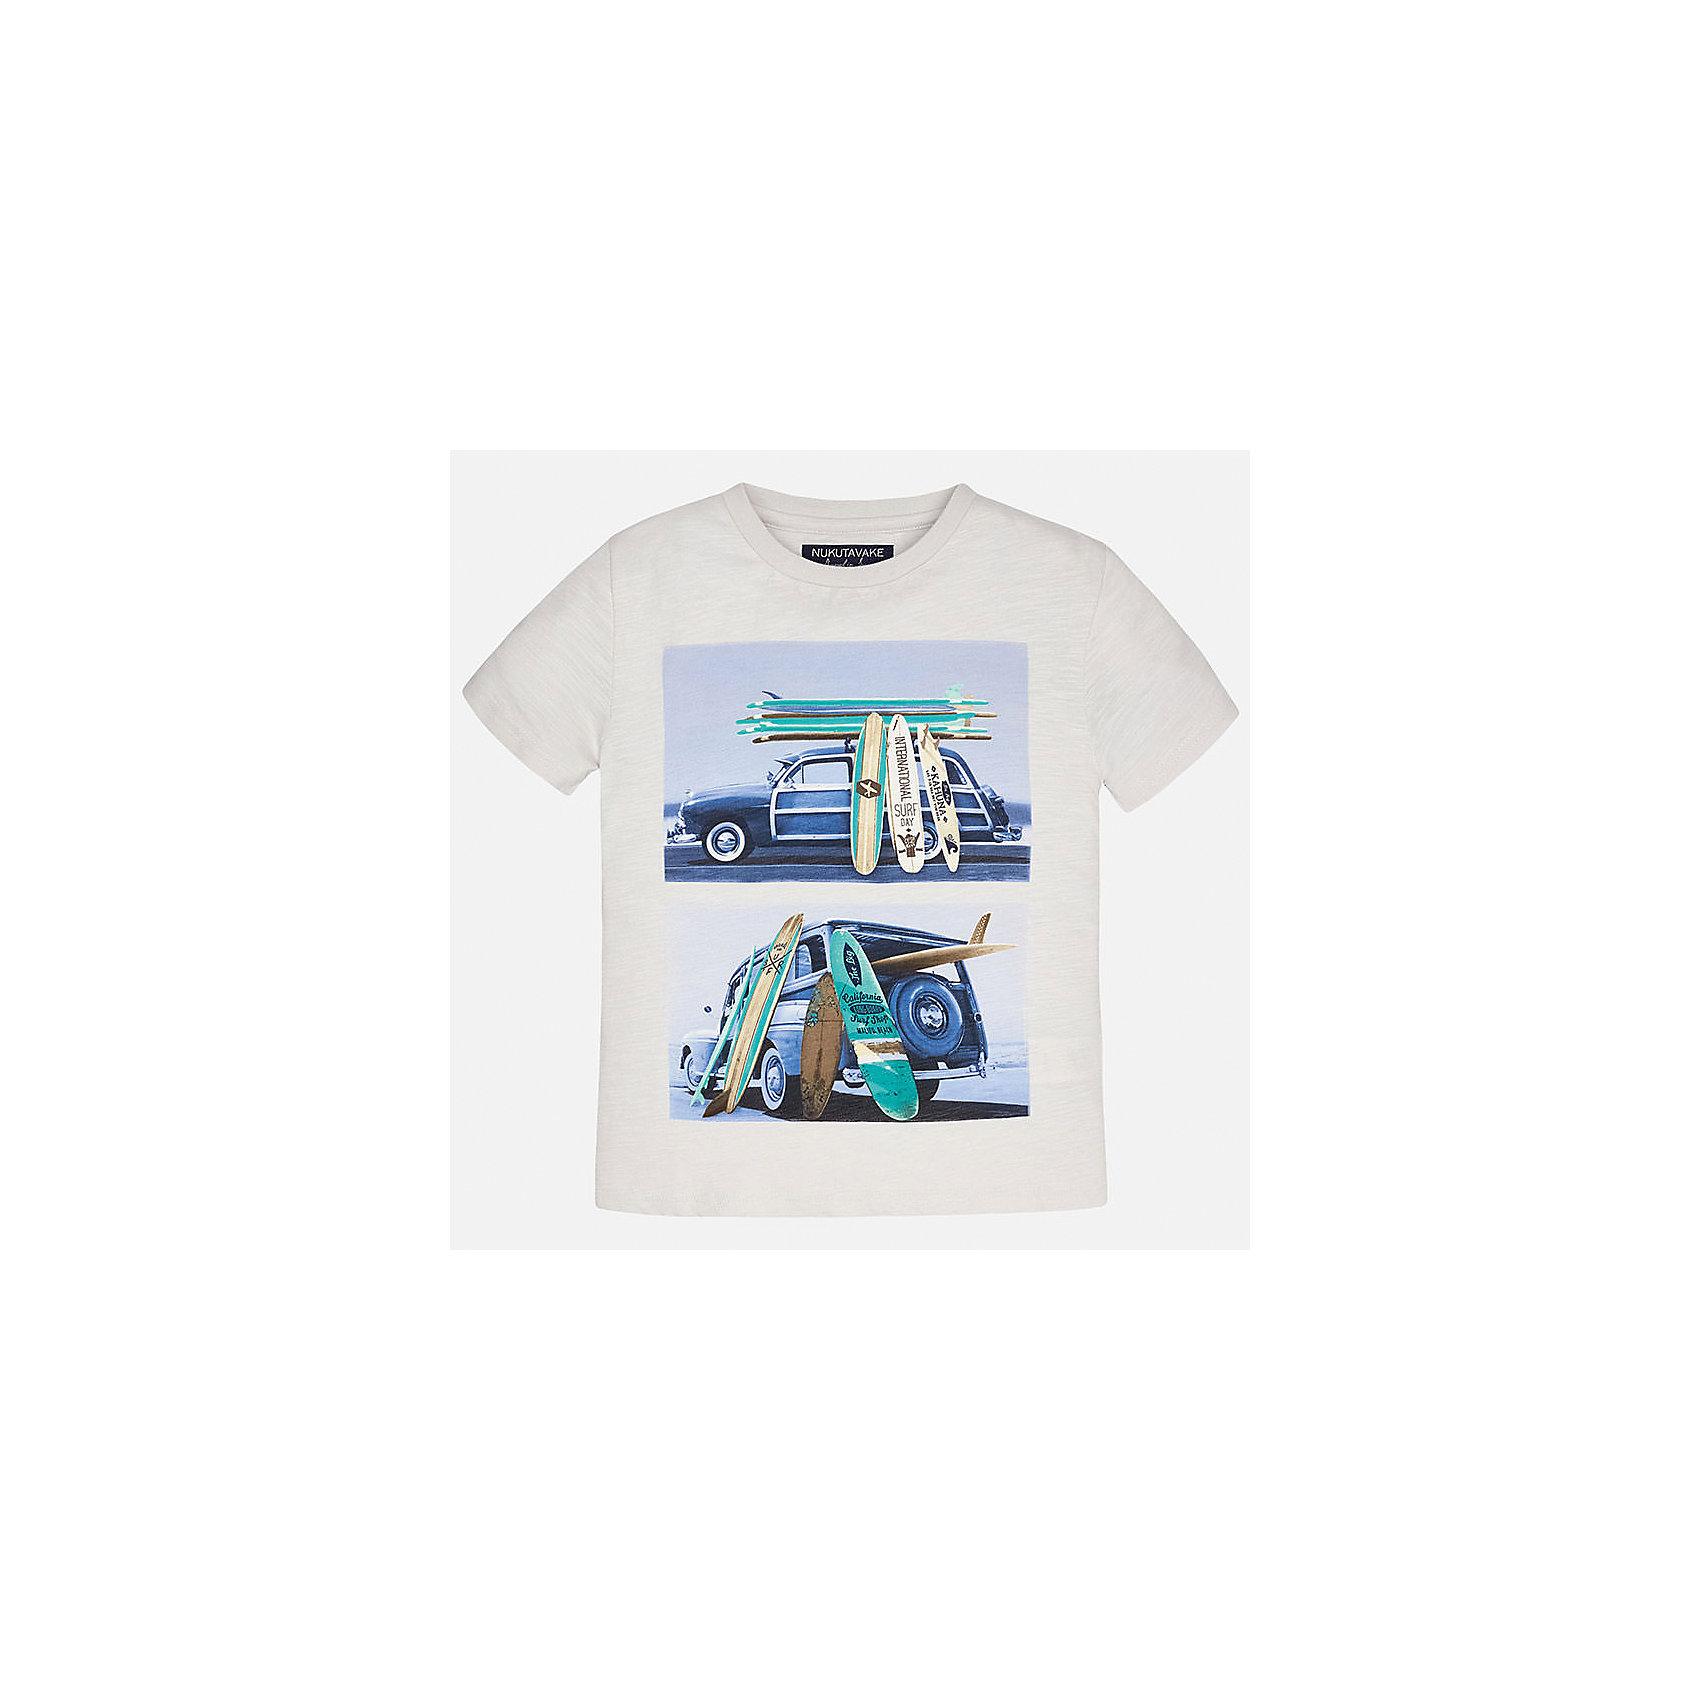 Футболка для мальчика MayoralФутболки, поло и топы<br>Характеристики товара:<br><br>• цвет: молочный<br>• состав: 100% хлопок<br>• круглый горловой вырез<br>• декорирована принтом<br>• короткие рукава<br>• мягкая отделка горловины<br>• страна бренда: Испания<br><br>Стильная удобная футболка с принтом поможет разнообразить гардероб мальчика. Она отлично сочетается с брюками, шортами, джинсами. Универсальный крой и цвет позволяет подобрать к вещи низ разных расцветок. Практичное и стильное изделие! Хорошо смотрится и комфортно сидит на детях. В составе материала - только натуральный хлопок, гипоаллергенный, приятный на ощупь, дышащий. <br><br>Одежда, обувь и аксессуары от испанского бренда Mayoral полюбились детям и взрослым по всему миру. Модели этой марки - стильные и удобные. Для их производства используются только безопасные, качественные материалы и фурнитура. Порадуйте ребенка модными и красивыми вещами от Mayoral! <br><br>Футболку для мальчика от испанского бренда Mayoral (Майорал) можно купить в нашем интернет-магазине.<br><br>Ширина мм: 199<br>Глубина мм: 10<br>Высота мм: 161<br>Вес г: 151<br>Цвет: бежевый<br>Возраст от месяцев: 84<br>Возраст до месяцев: 96<br>Пол: Мужской<br>Возраст: Детский<br>Размер: 128/134,170,164,158,152,140<br>SKU: 5281316